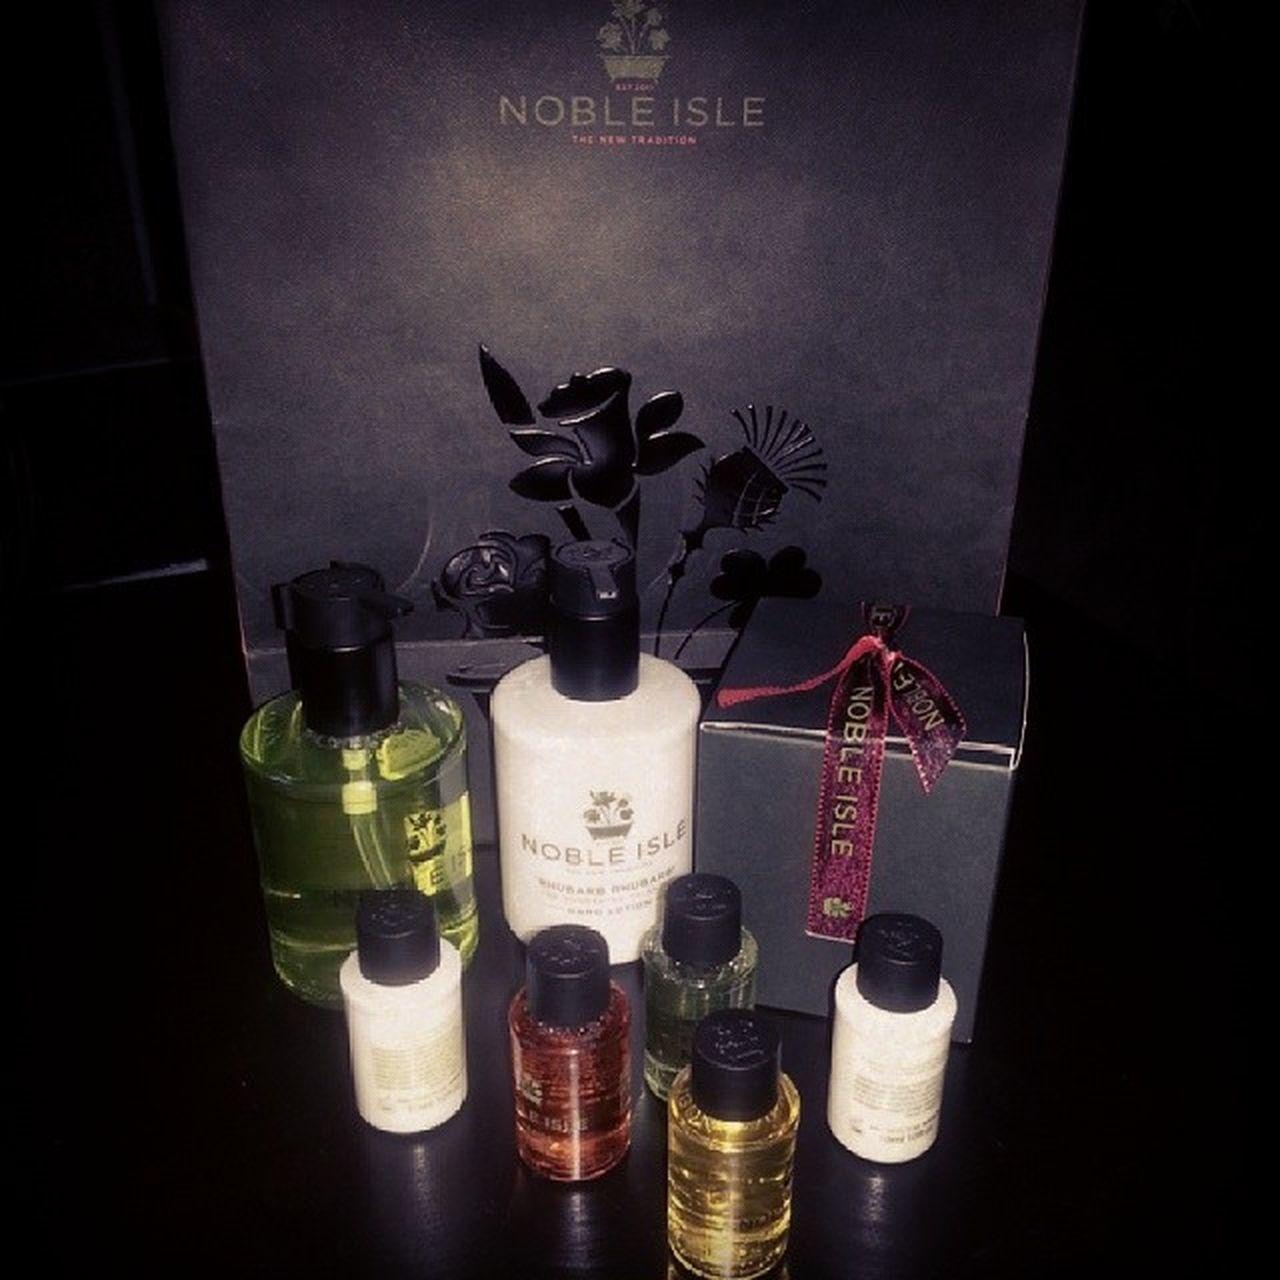 Lyxiga företaget Nobleisle sprang förbi mig under Formex2014 mässan och lämnade härliga gåvor. Lifestylepublishing Lifestyleworld